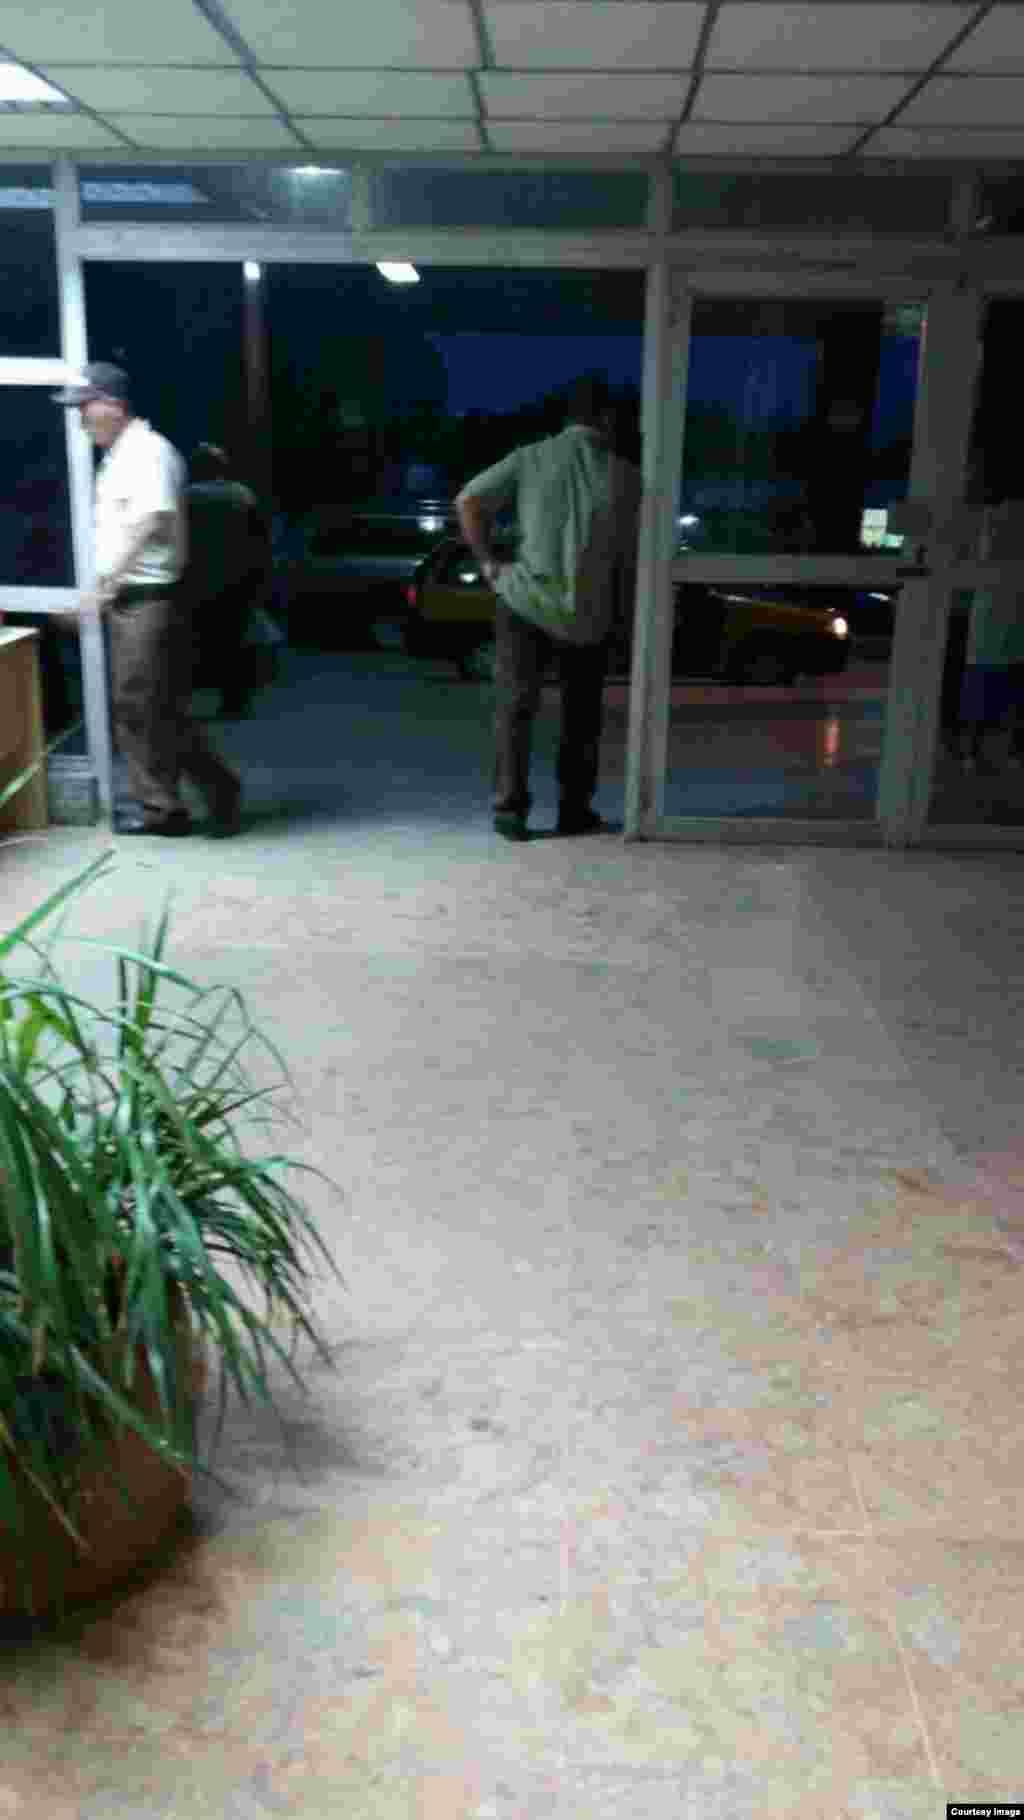 Los pasillos del hospital permanencen día y noche custodiados por personal ajeno a la instalación, además de voluntarios del Ministerio del Interior.